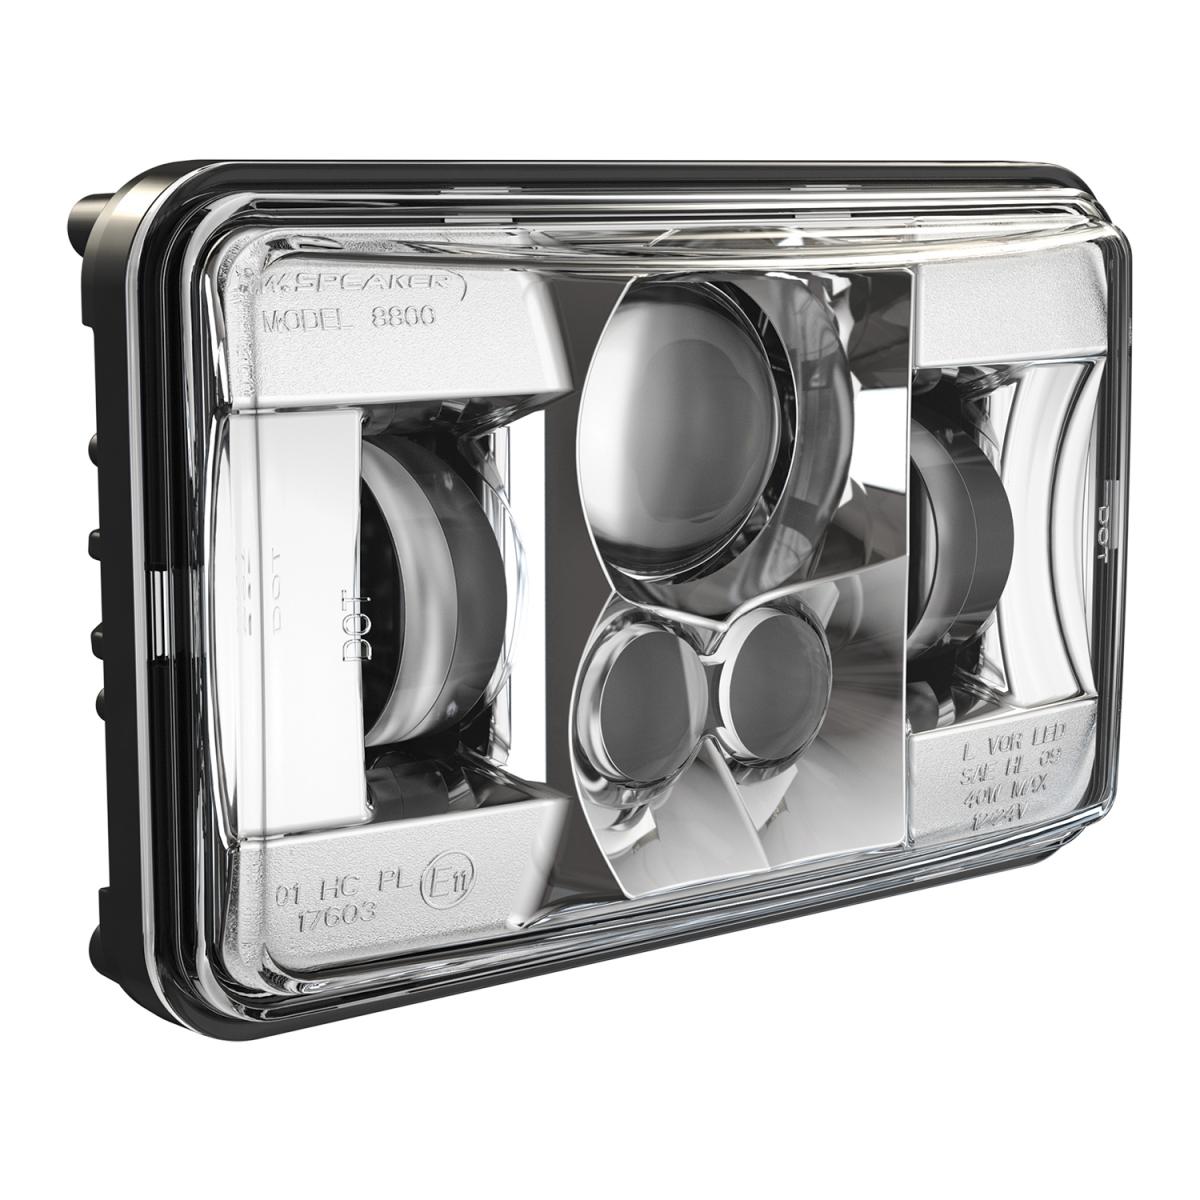 LED Headlights – Model 8800 Evolution 2